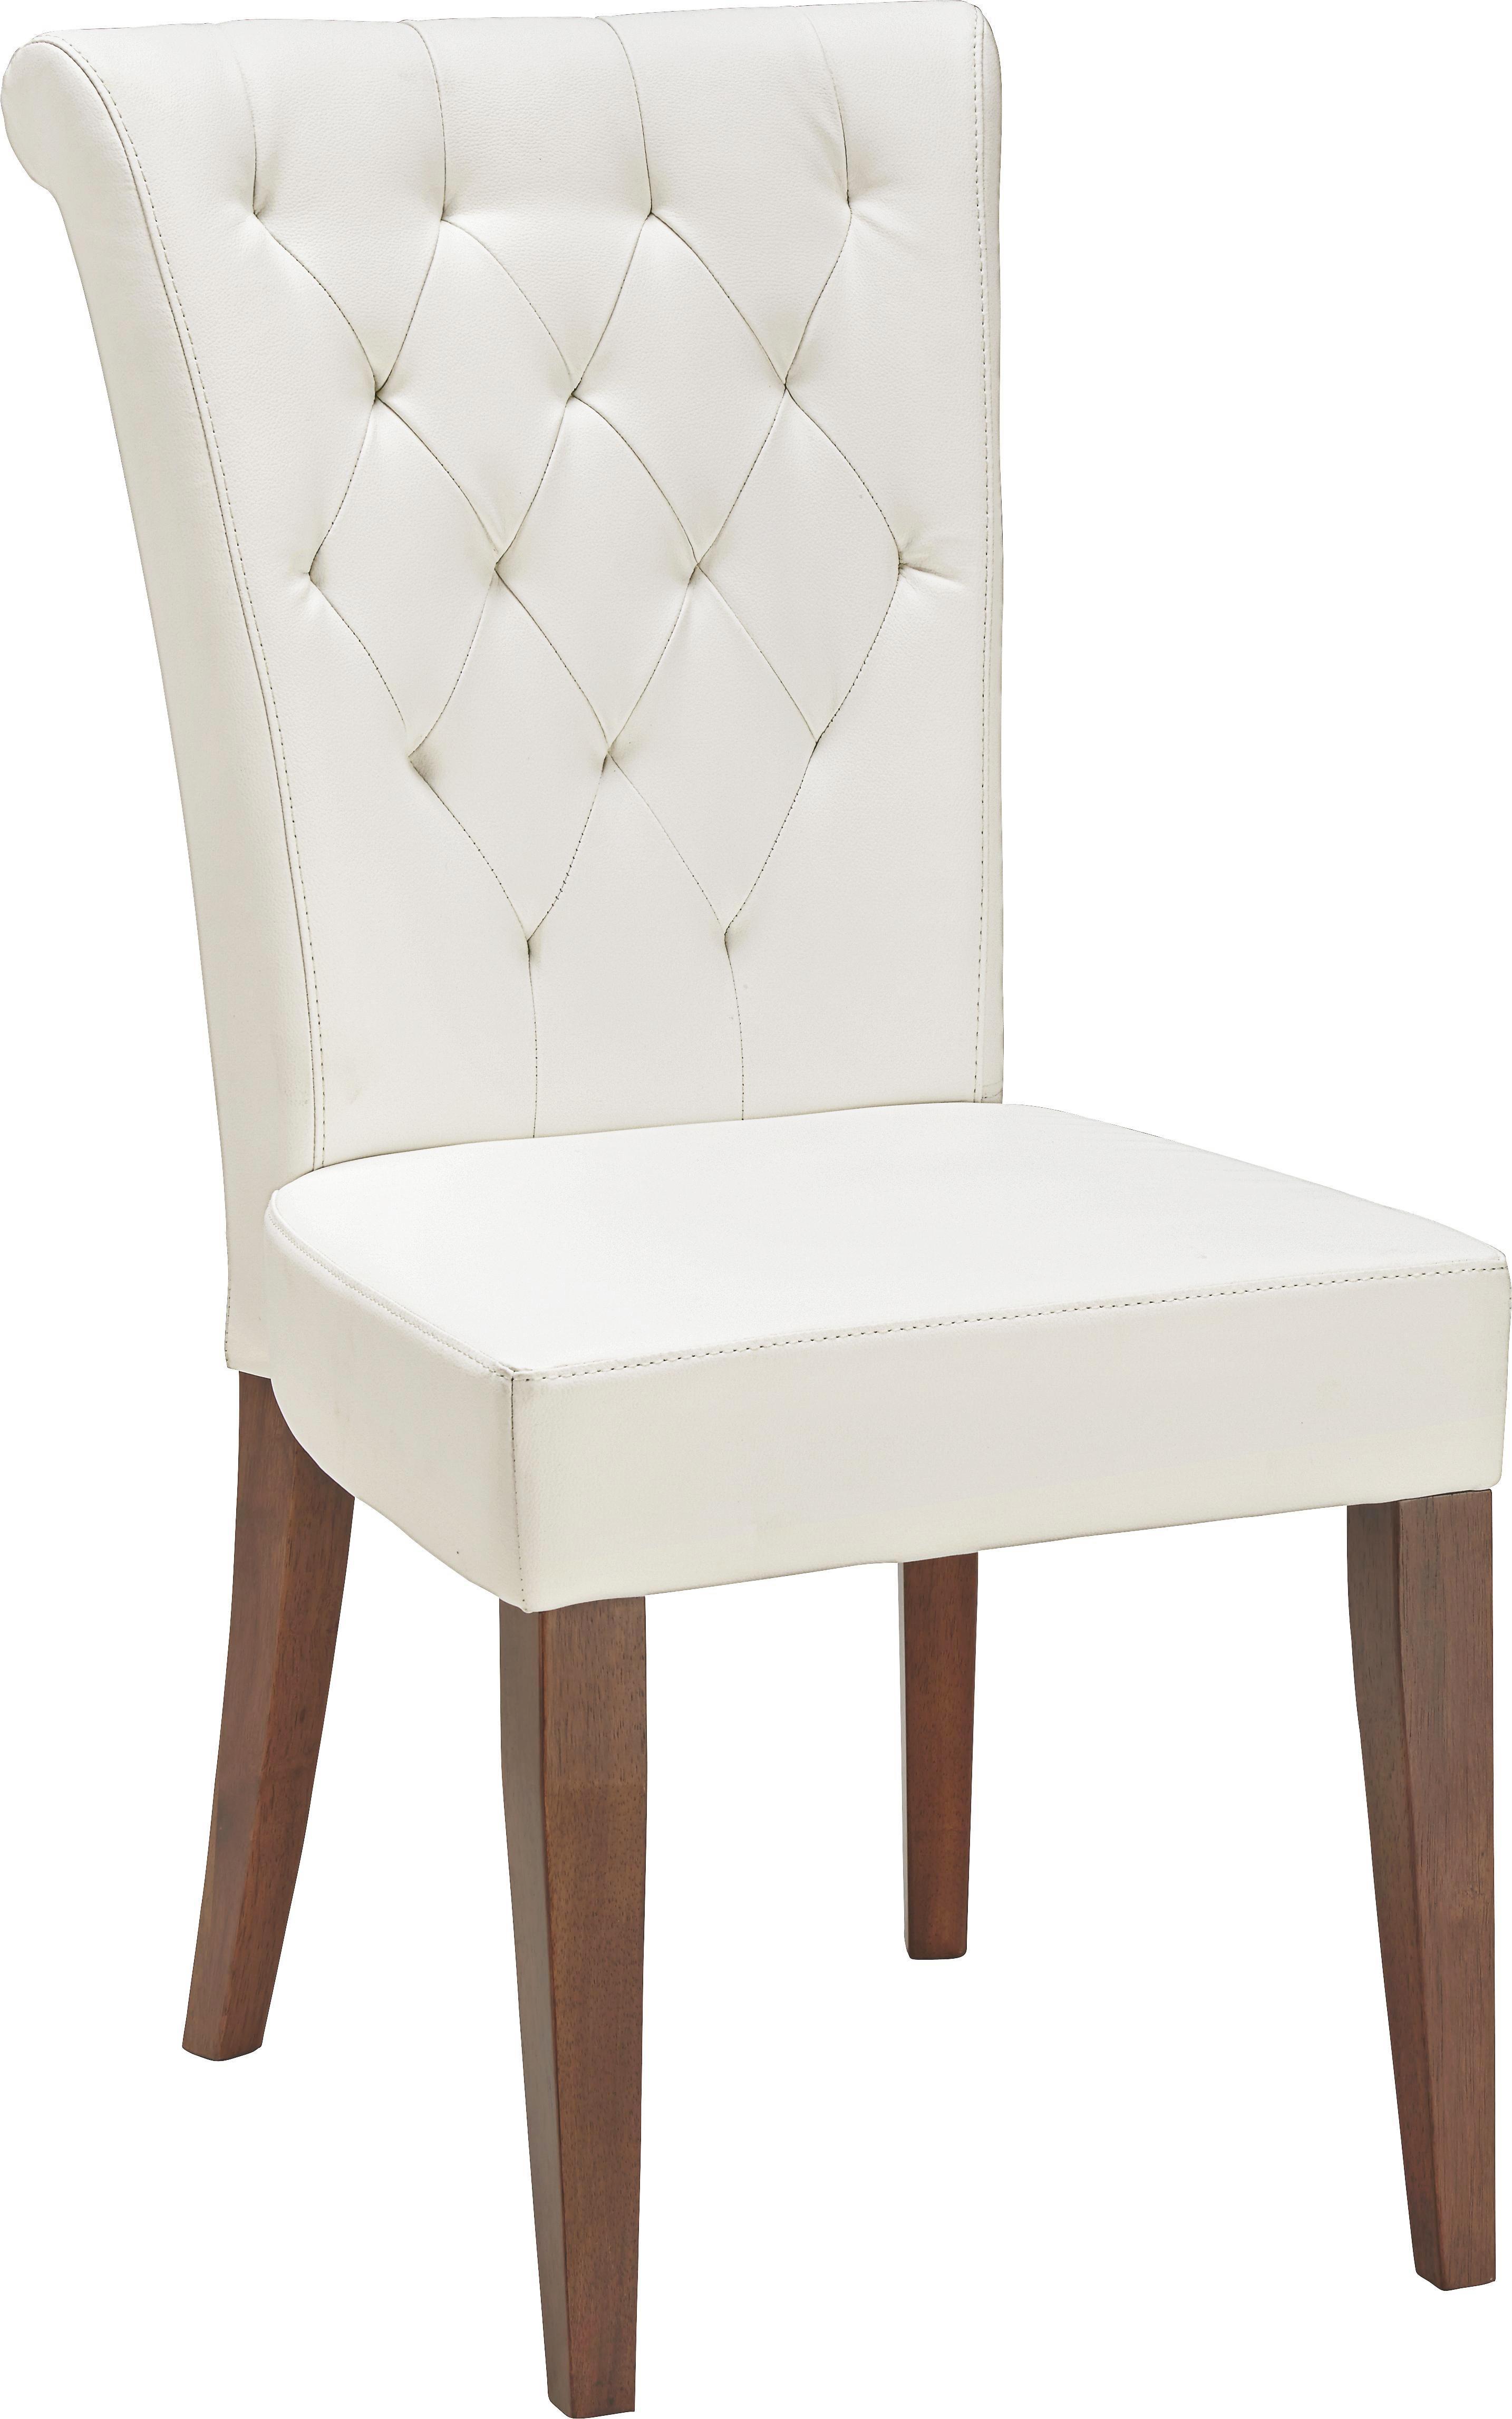 Stuhl in Weiß - ROMANTIK / LANDHAUS (52/99/70,50cm) - ZANDIARA